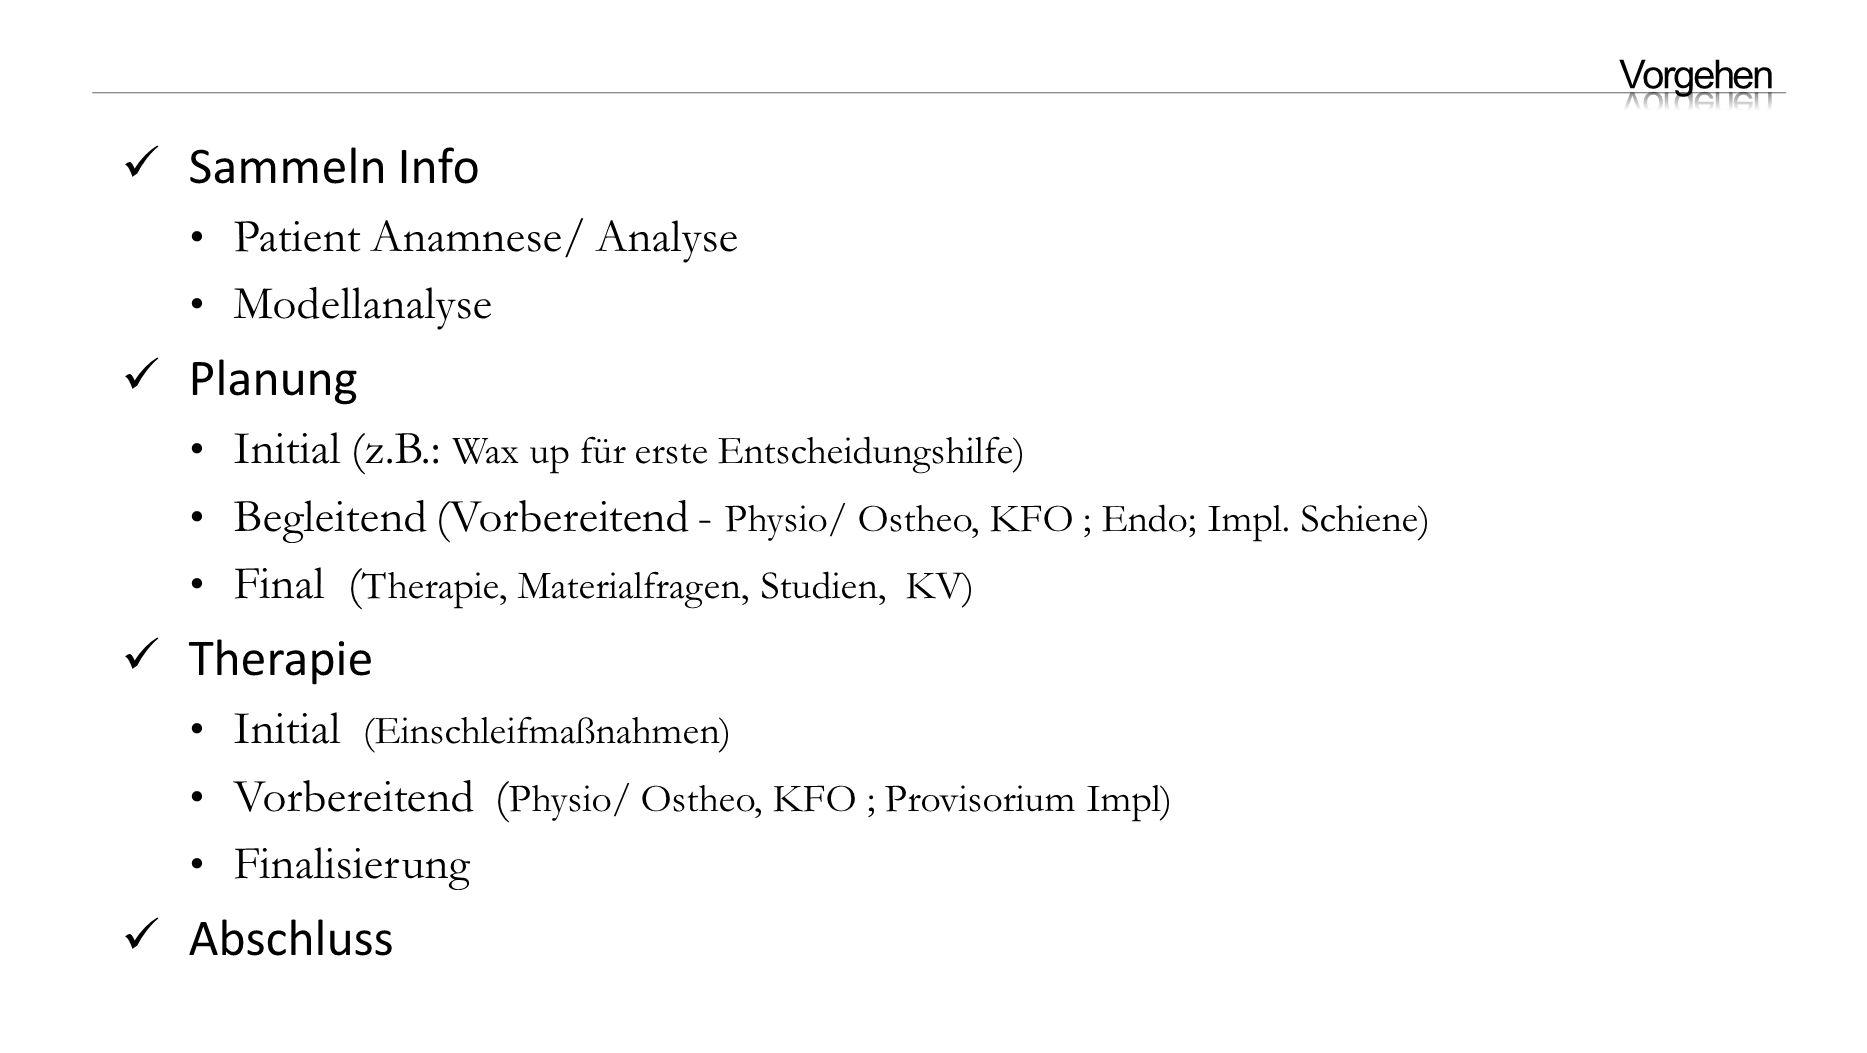 Sammeln Info Patient Anamnese/ Analyse Modellanalyse Planung Initial (z.B.: Wax up für erste Entscheidungshilfe) Begleitend (Vorbereitend - Physio/ Ostheo, KFO ; Endo; Impl.